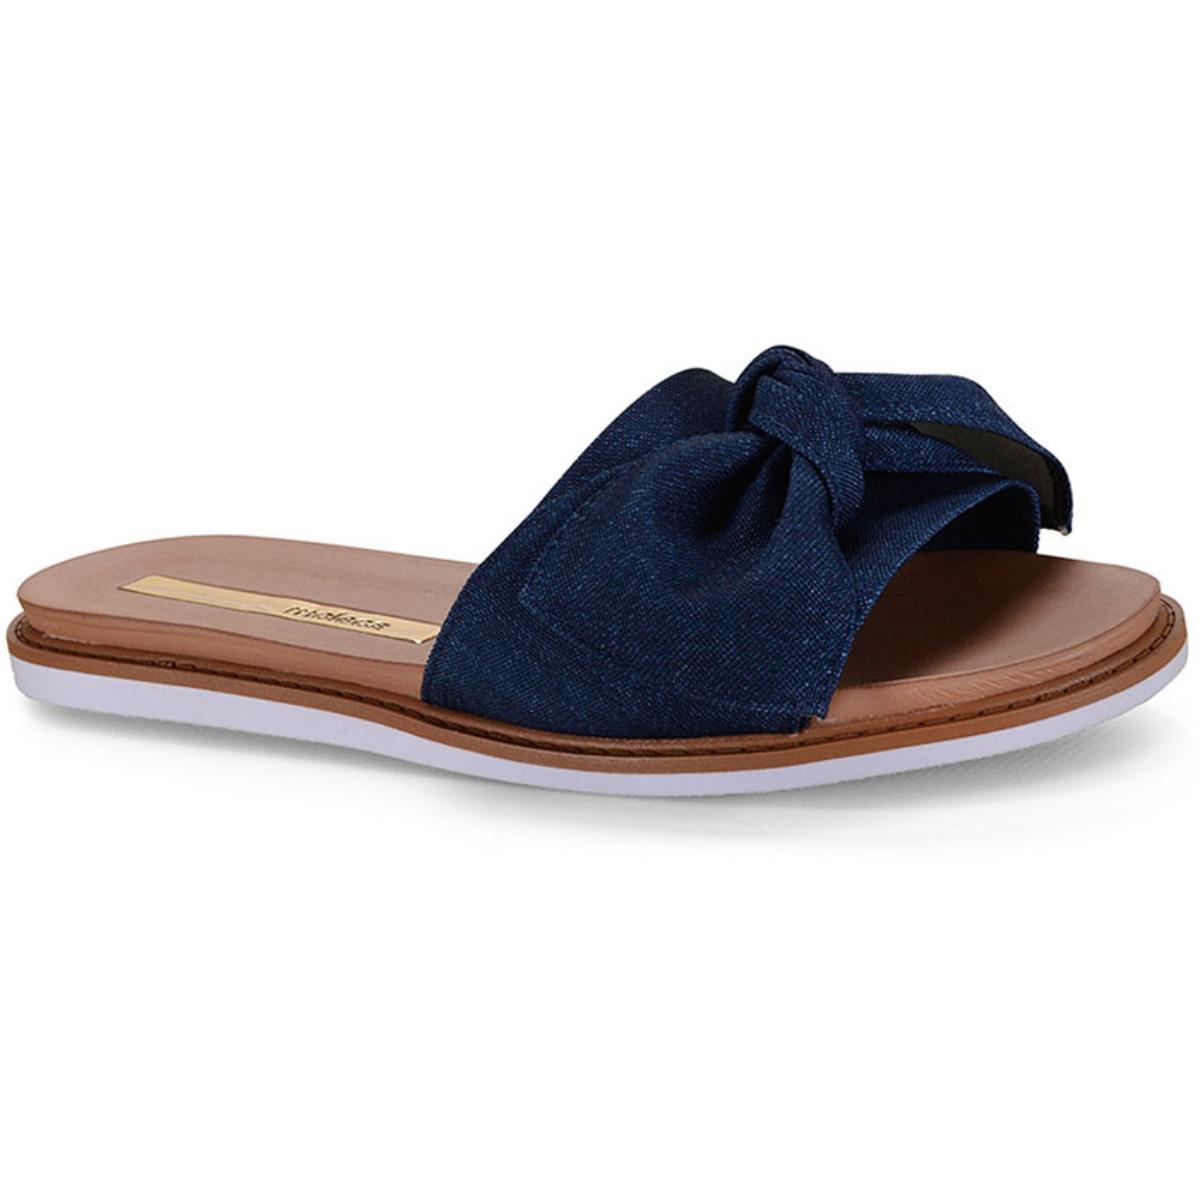 Tamanco Feminino Moleca 5443105 Jeans